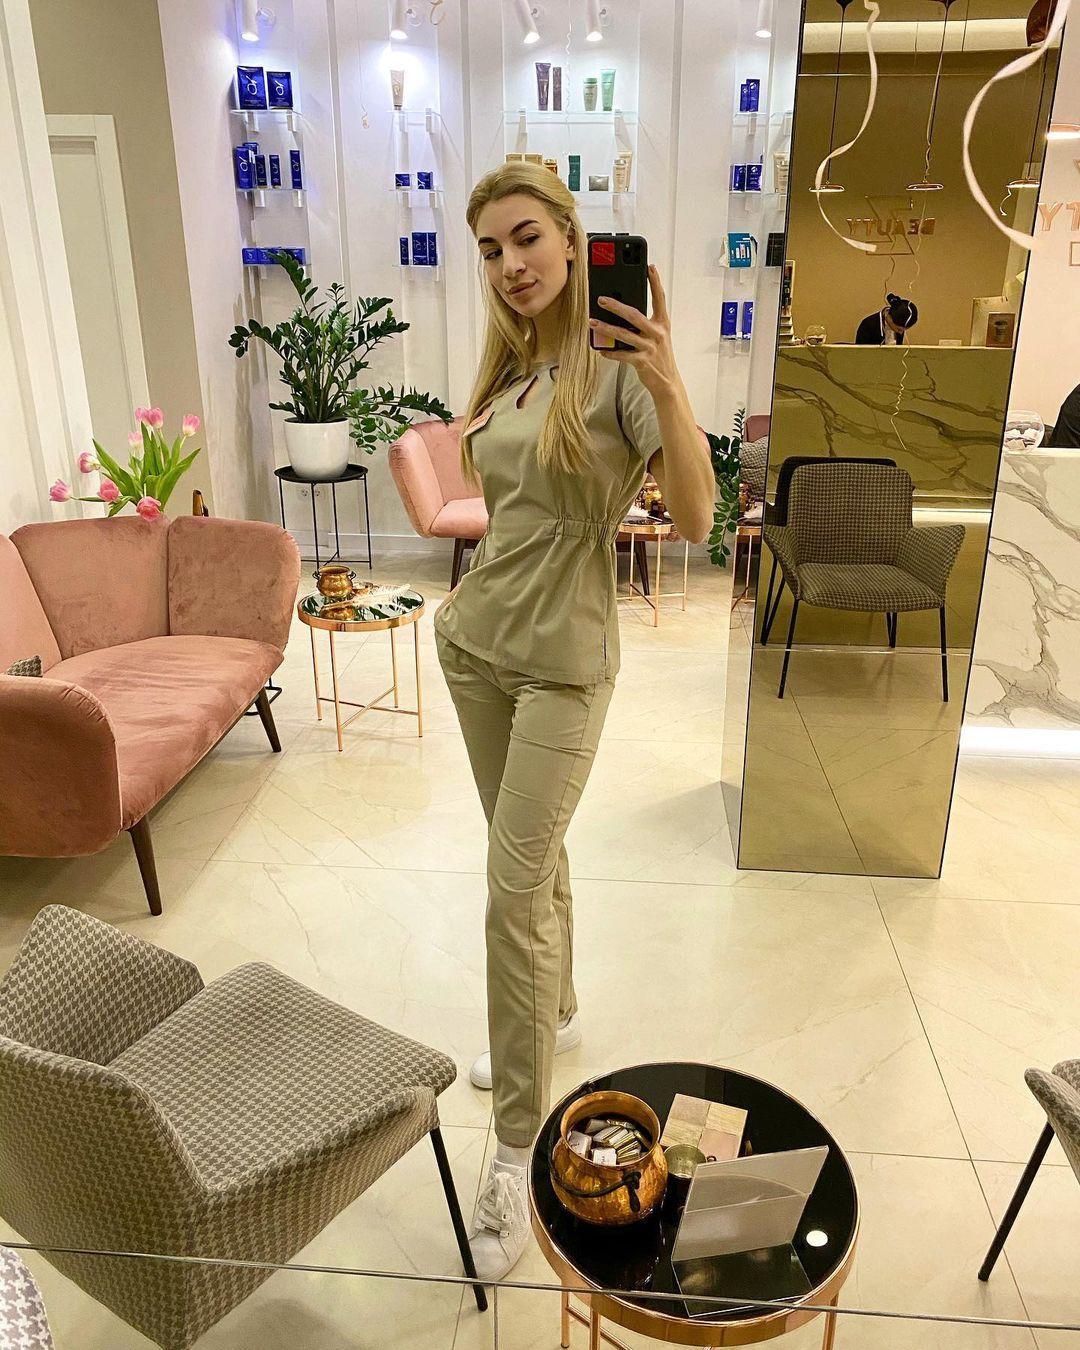 Гинеколог Екатерина Борзенко рассказала о причинах снижения либидо / фото instagram.com/dr.borzenko